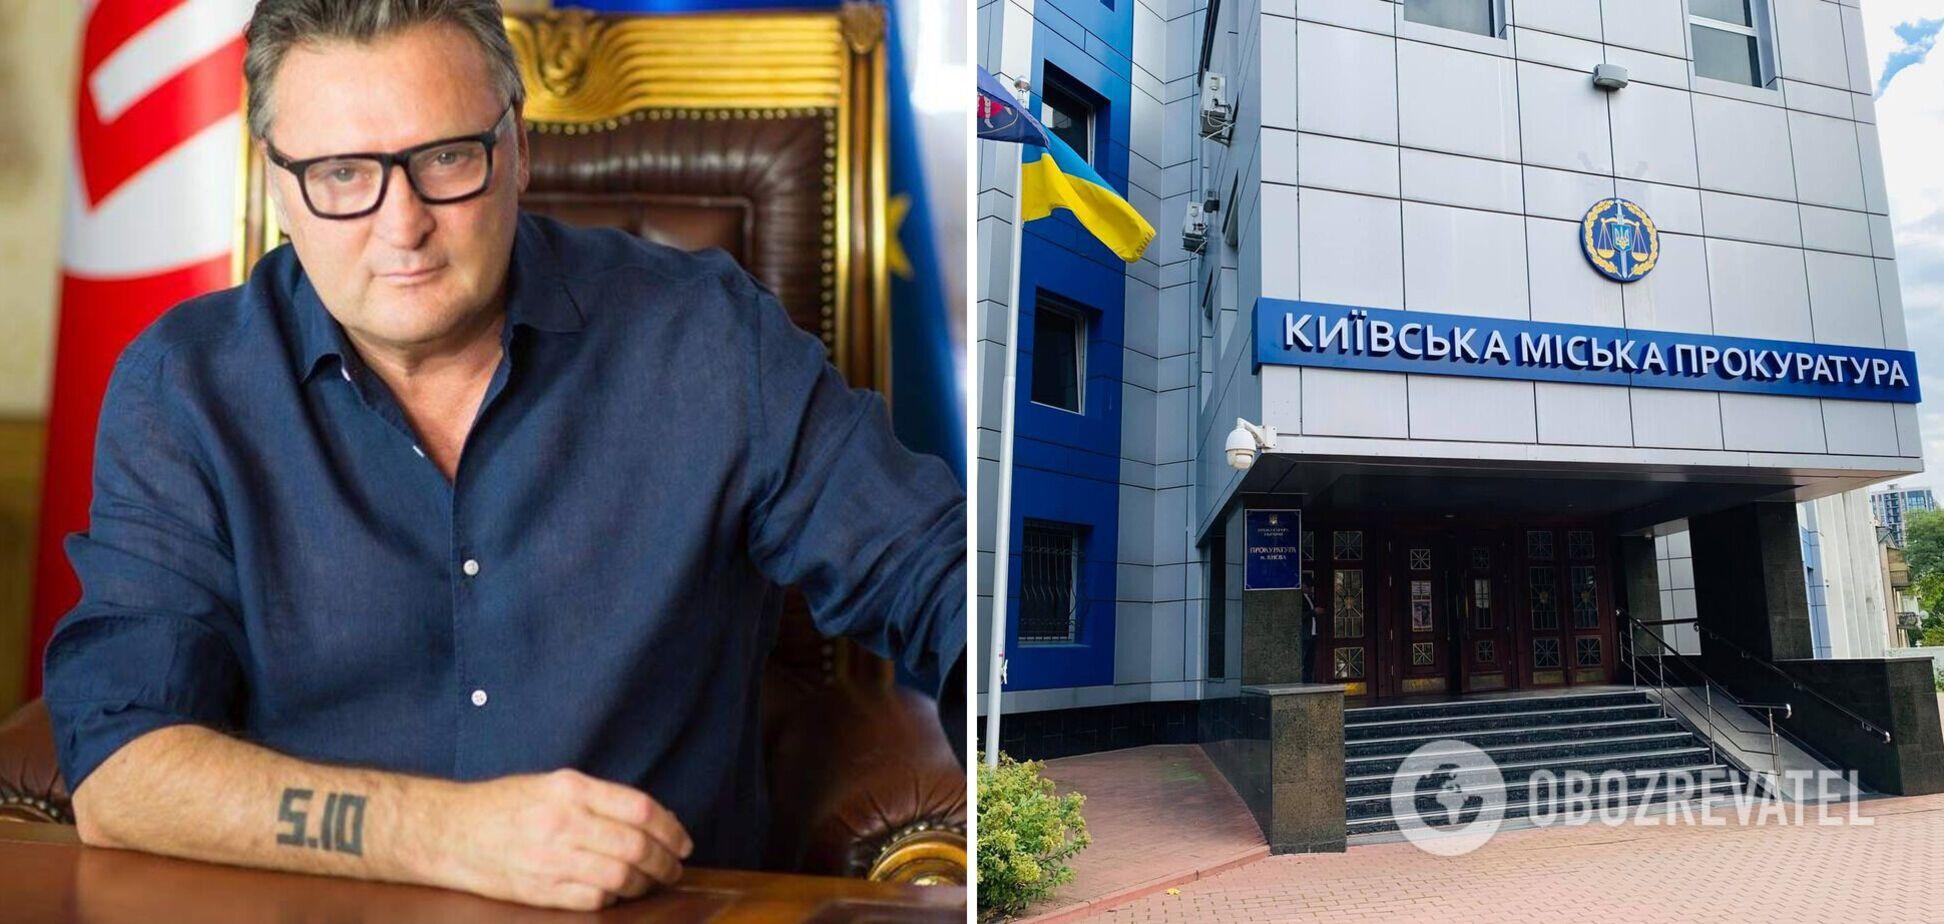 Лидеру партии 5.10 Балашову вручили подозрение в деле о разрушении объектов под охраной ЮНЕСКО